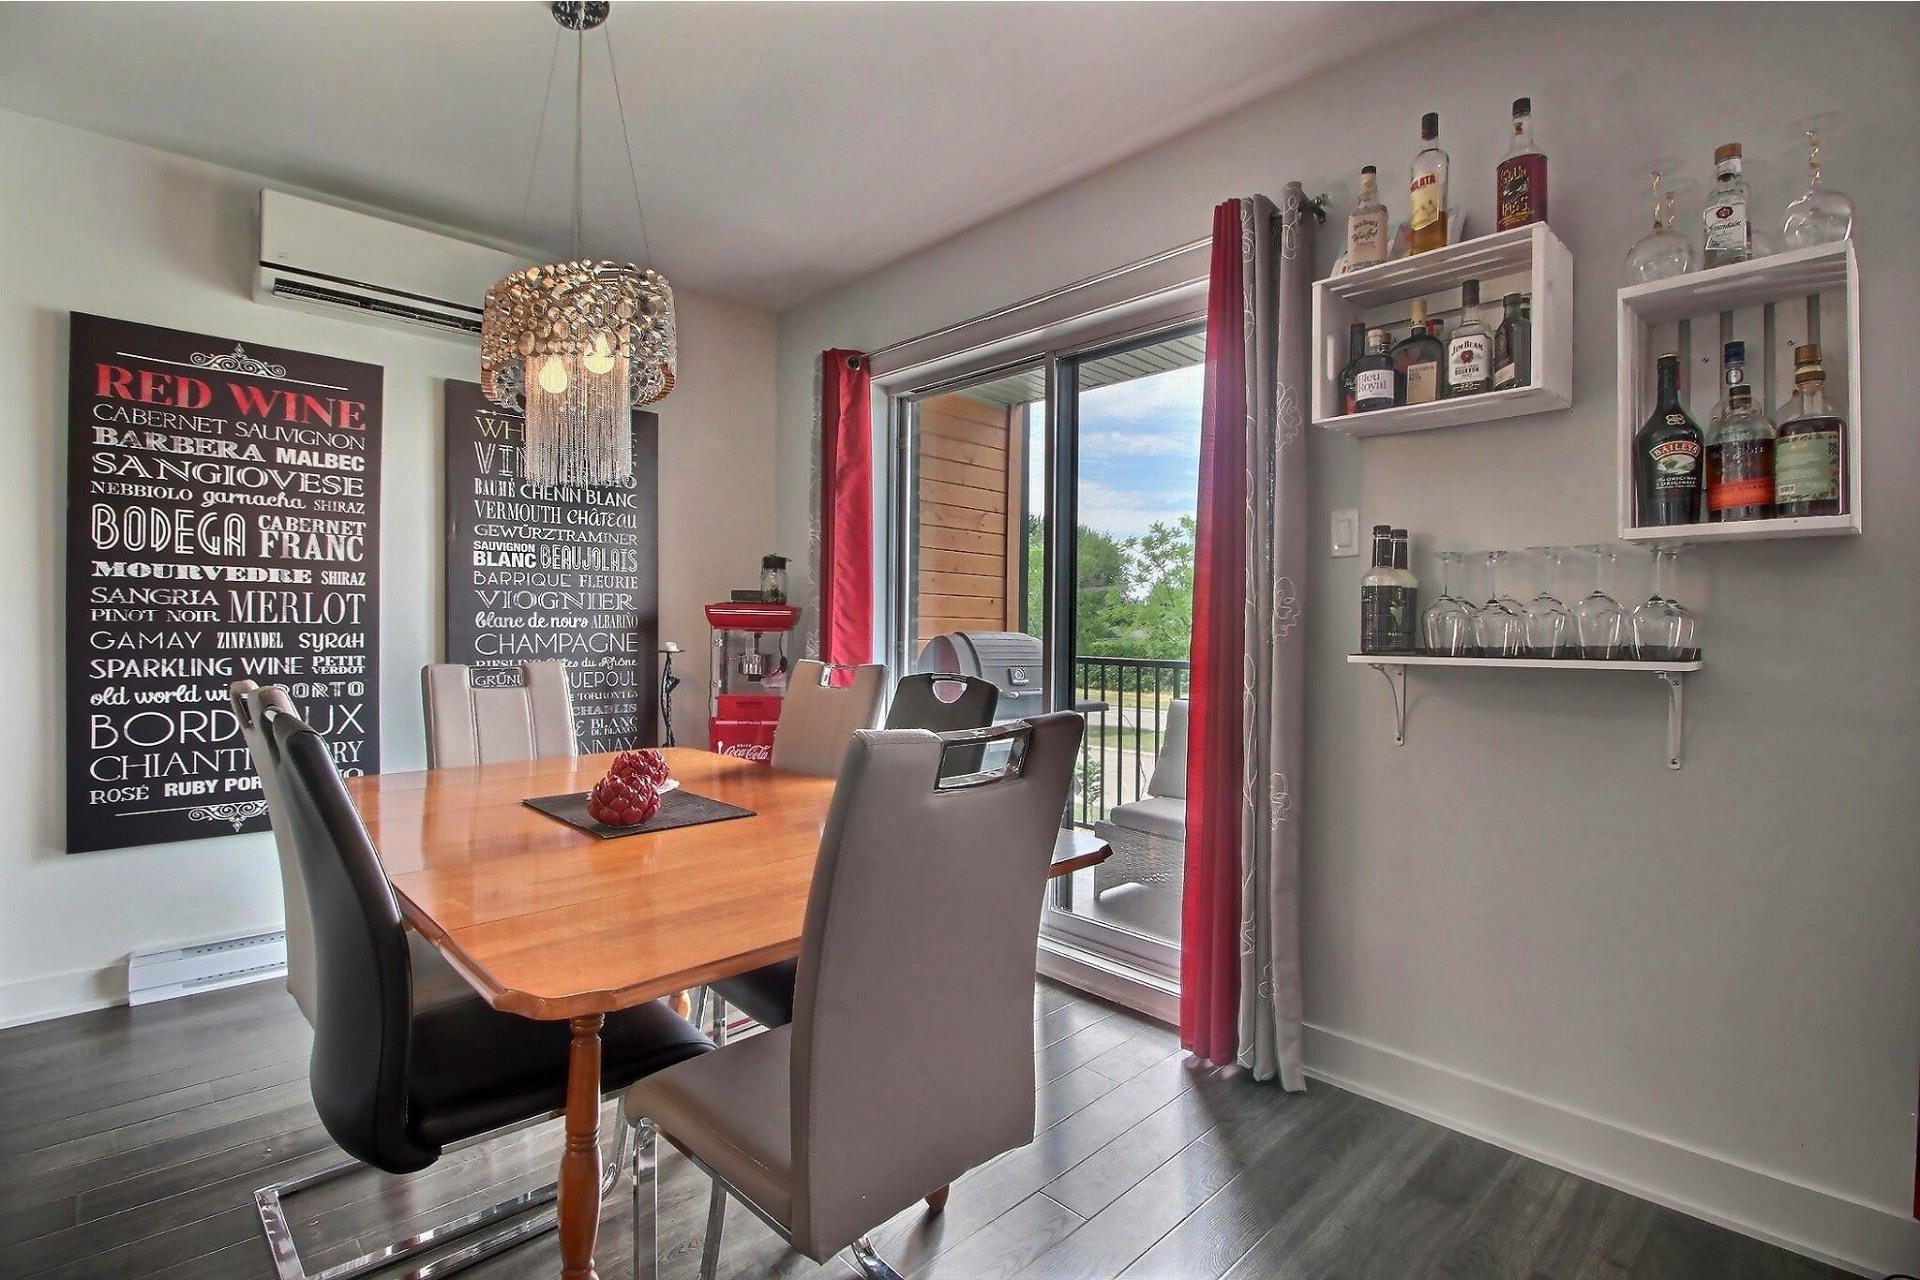 image 4 - Apartment For sale Rivière-des-Prairies/Pointe-aux-Trembles Montréal  - 9 rooms